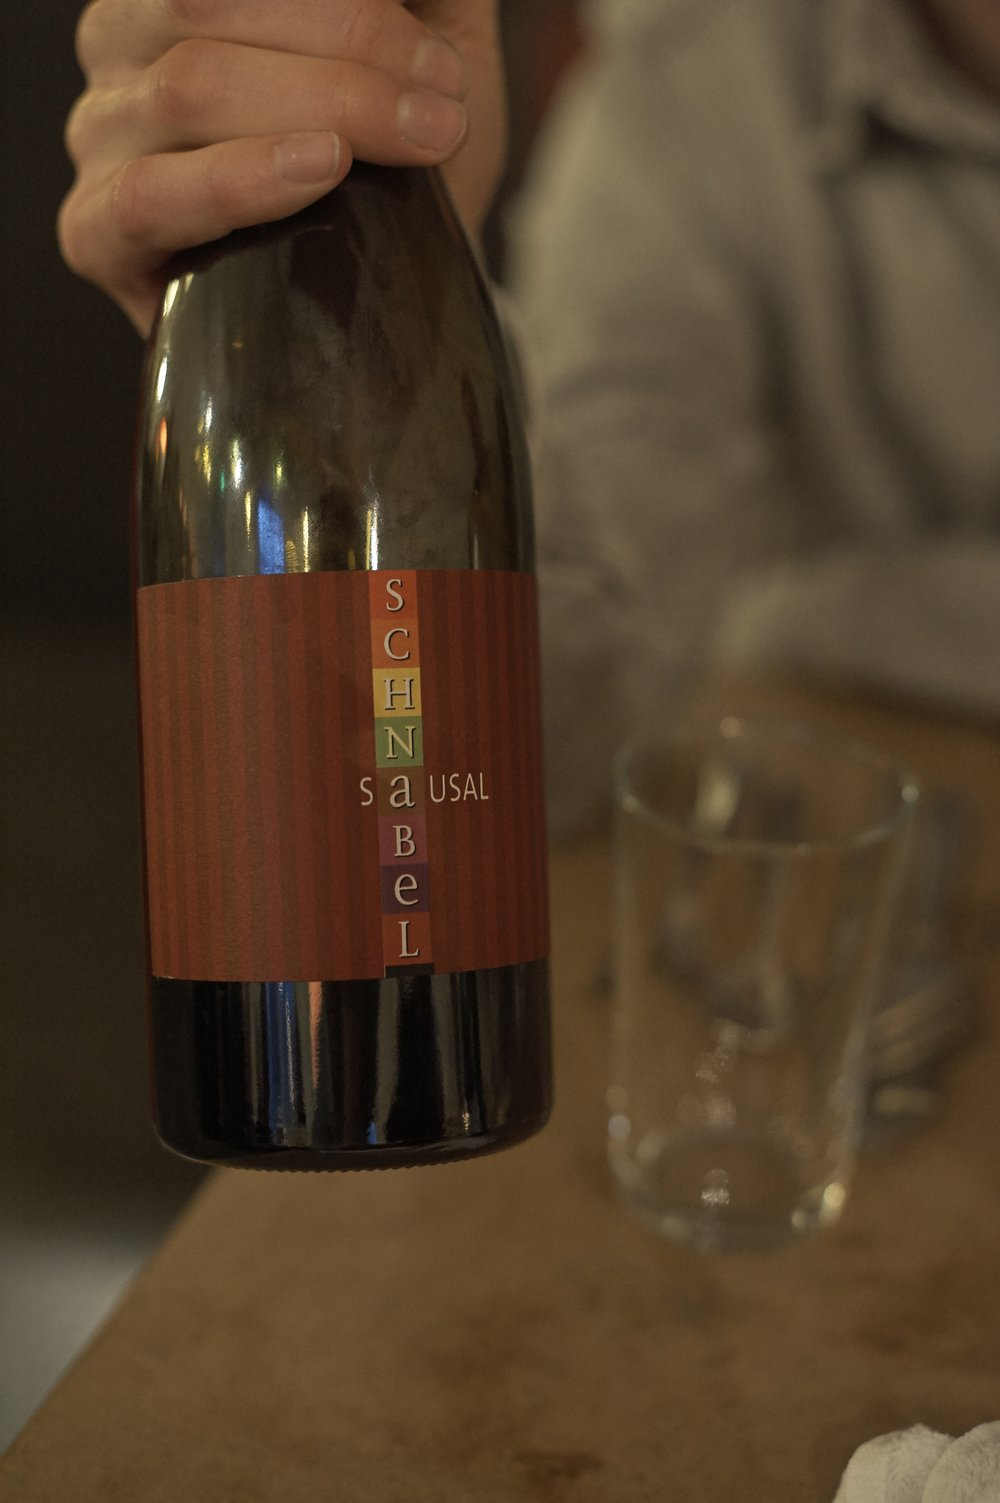 KARL SCHNABEL, SAUSAL 2013 STEIERMARK H&V: «Der schwerste Rotwein des Abends. Cuvée aus Pinot Noir, Blaufränkisch und Zweigelt mit unglaublichen 12,5 Vol-%.»